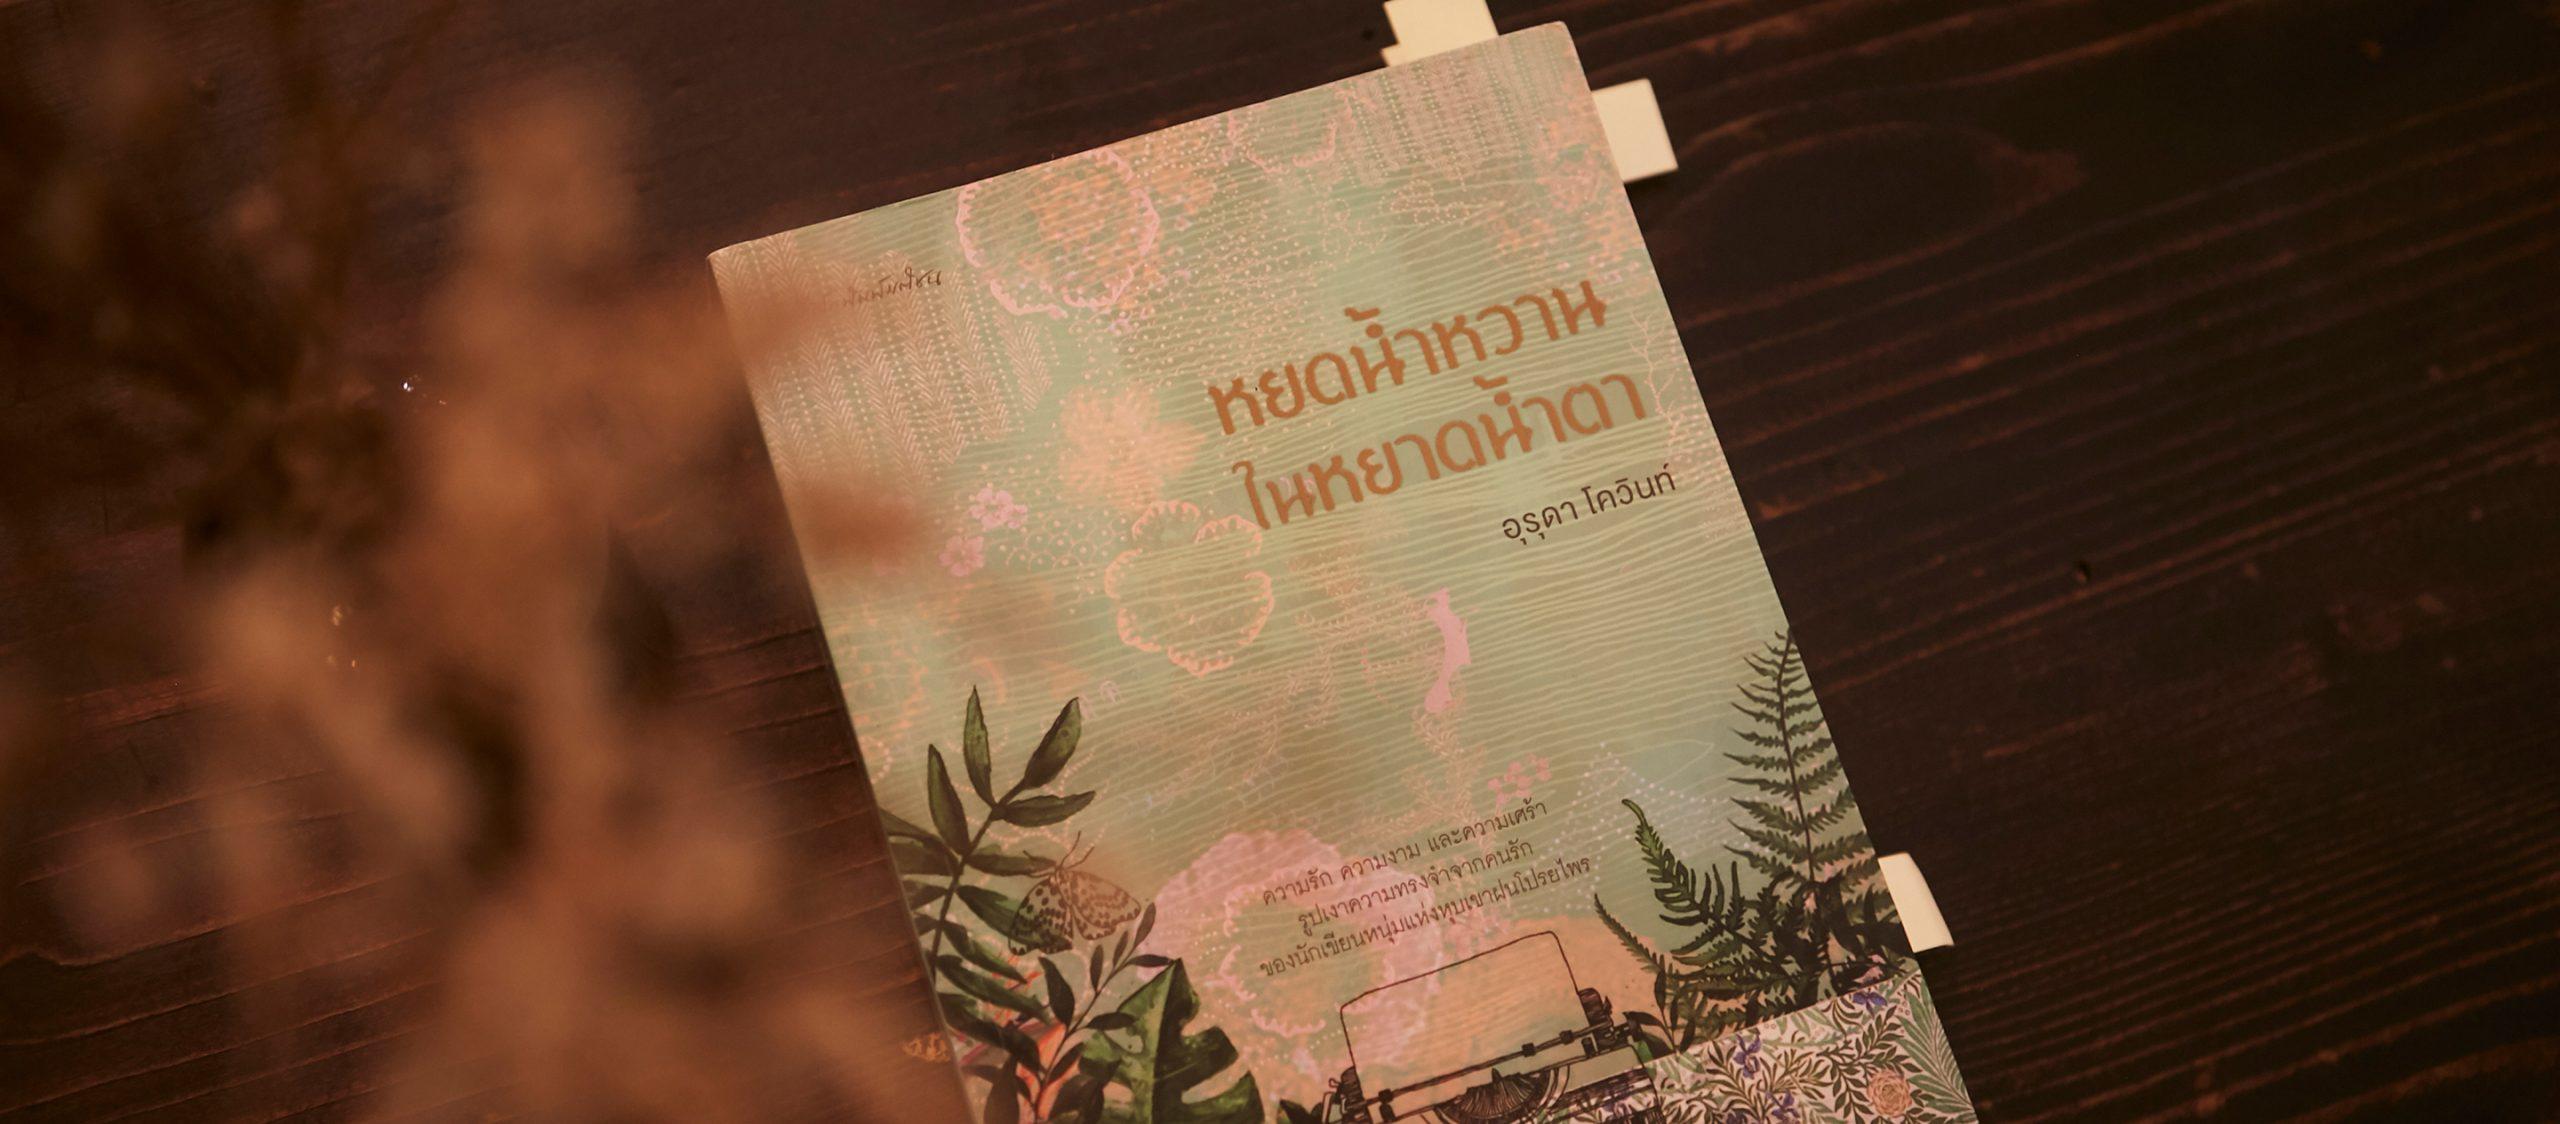 'หยดน้ำหวานในหยาดน้ำตา' หนังสือที่ทำให้ 'ลูกแก้ว โชติรส' เชื่อในเรื่องเล่าธรรมดาที่ดี